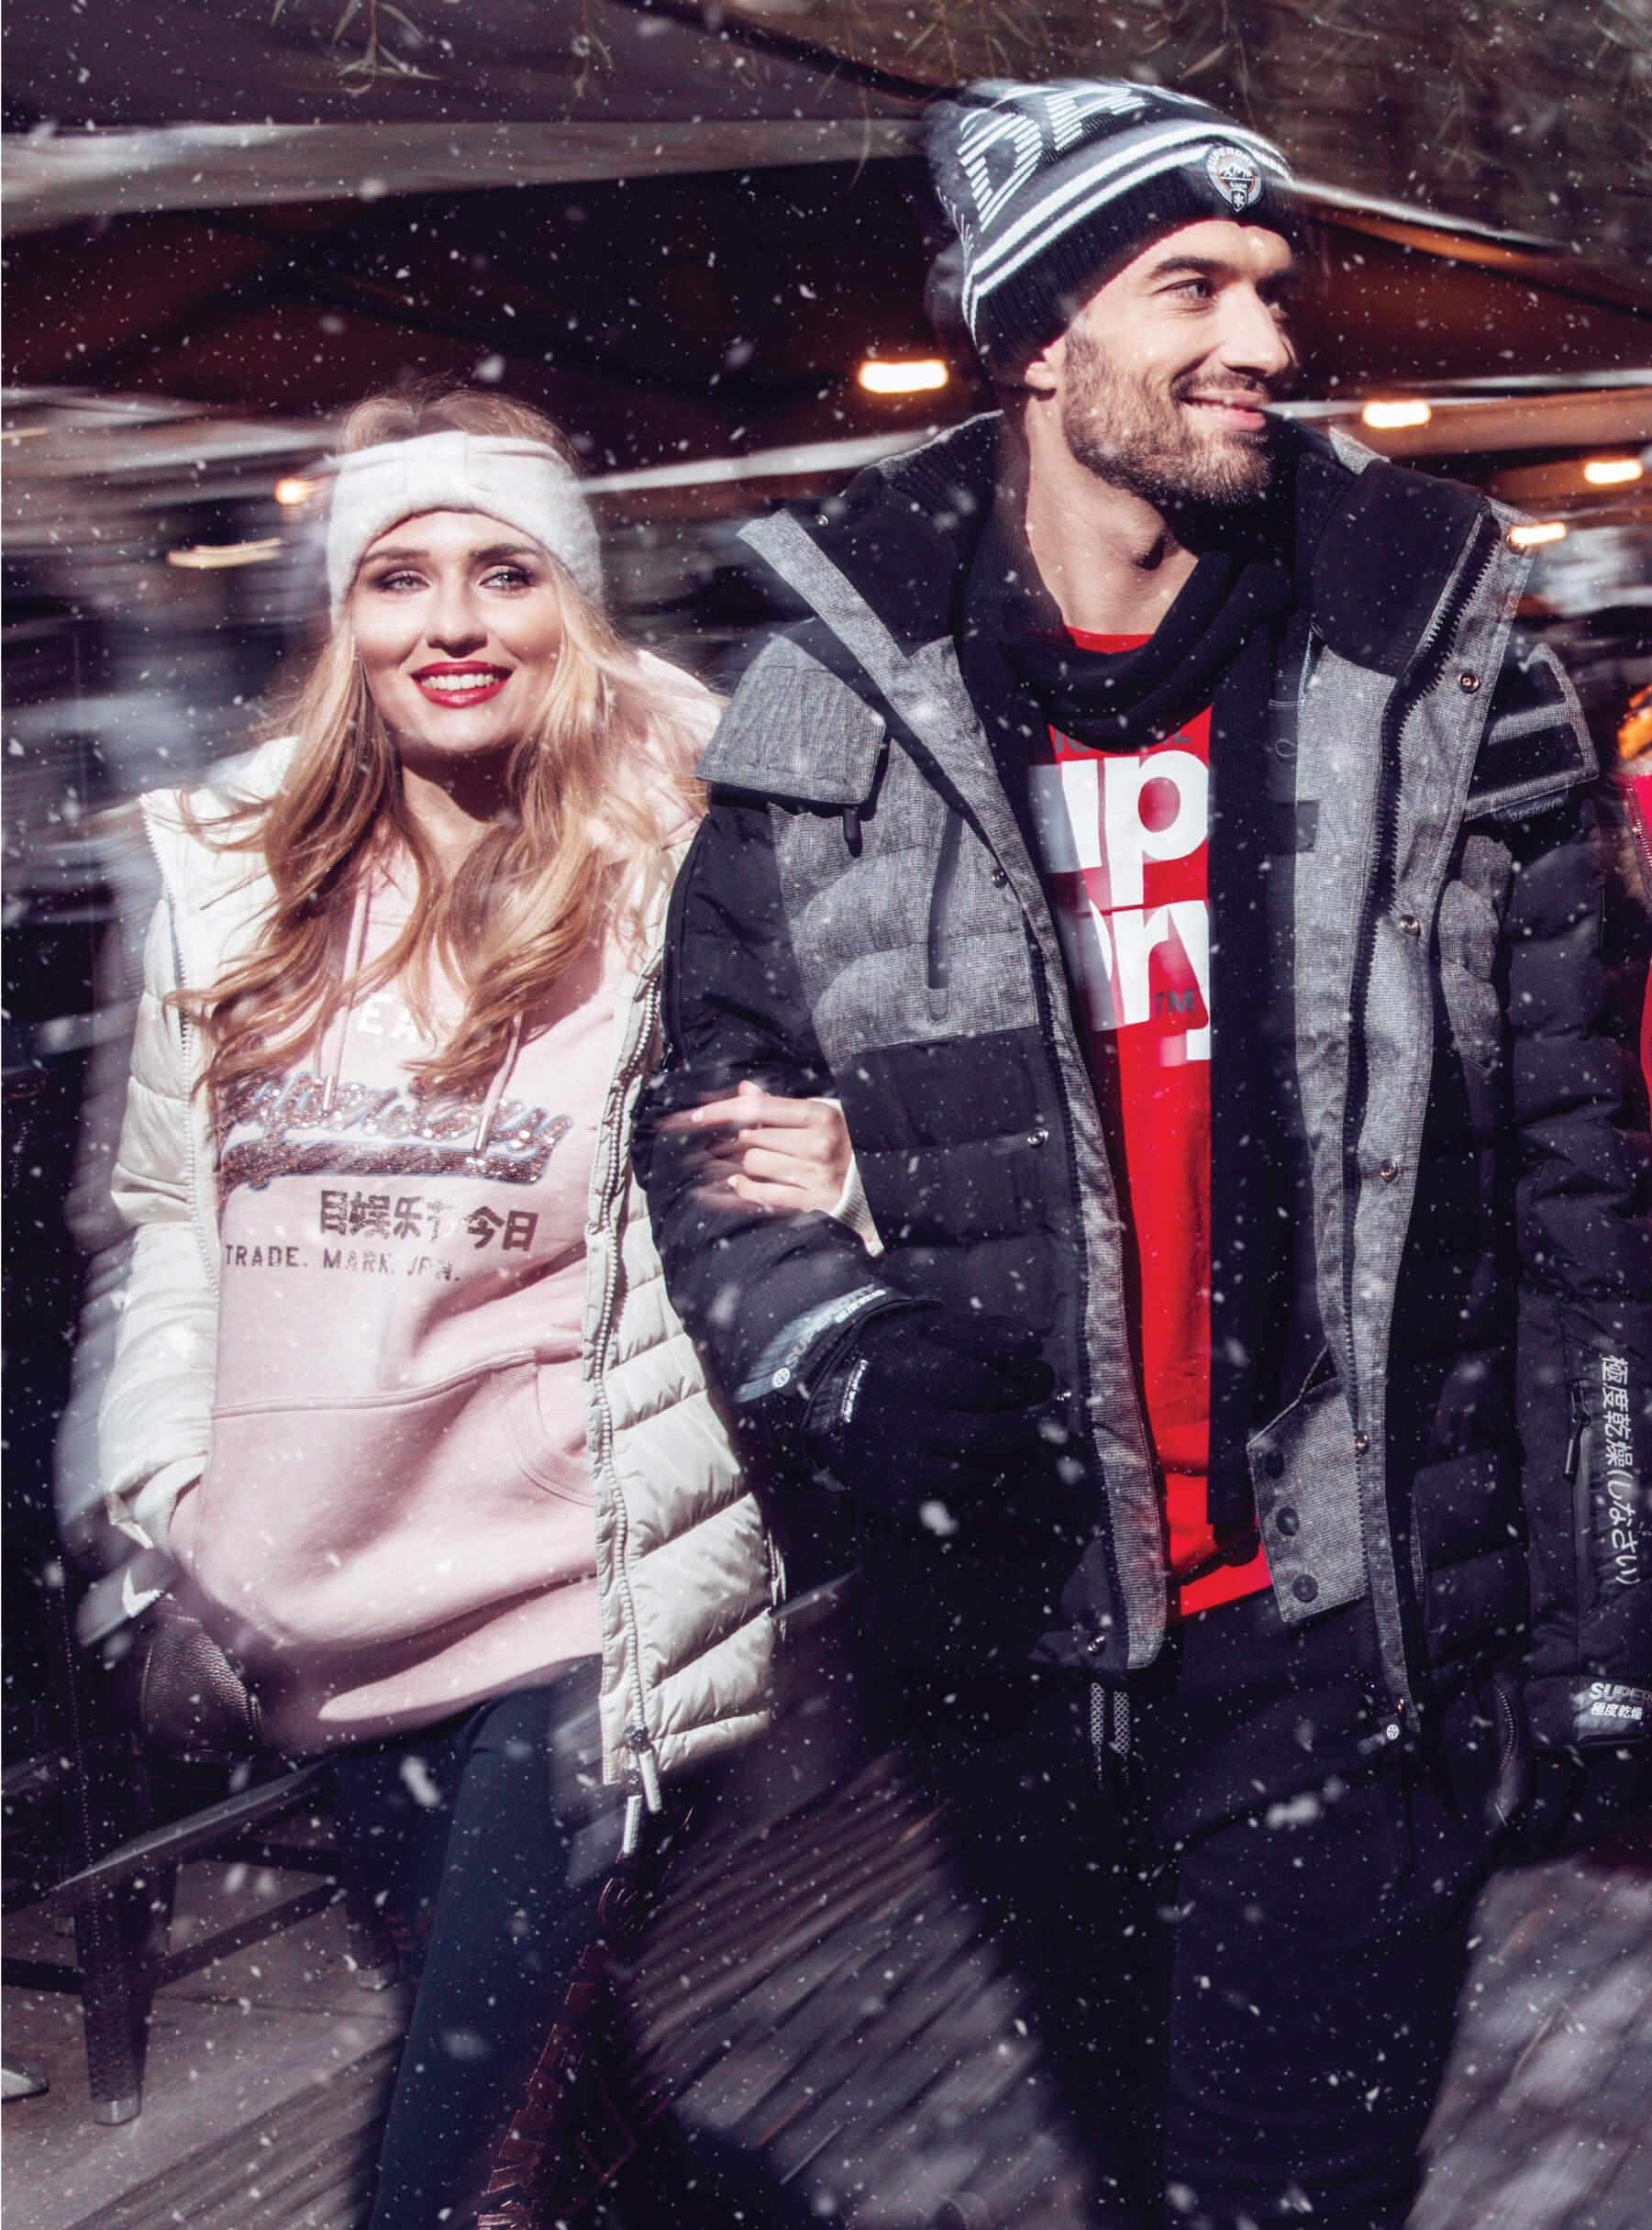 REDOVNE CIJENE: Superdry torbica 55,99 €  Superdry helanke49,99 €  Superdry džemper 85,99 €  Superdry jakna 139,99 €  Only traka 15,99 €